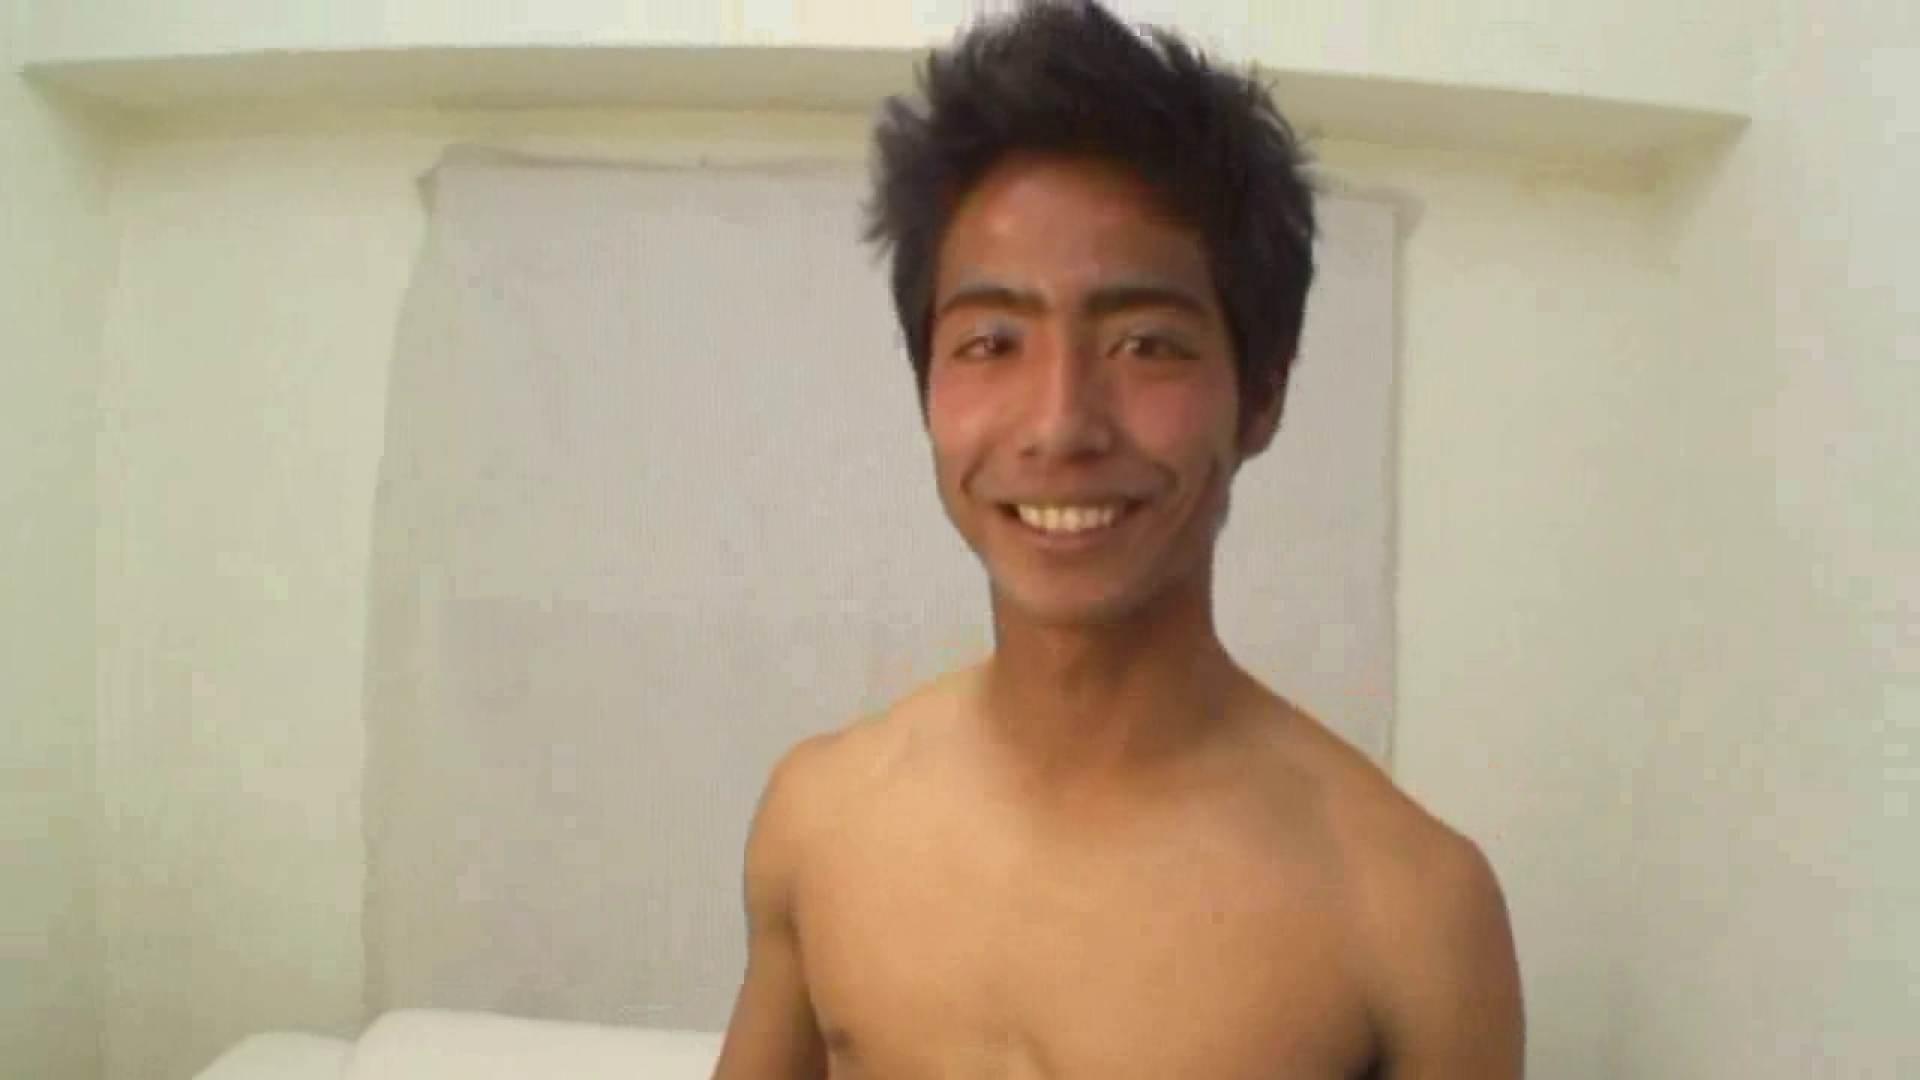 ノンケ!自慰スタジオ No.30 大学生ボーイズ ゲイ射精シーン 58枚 41